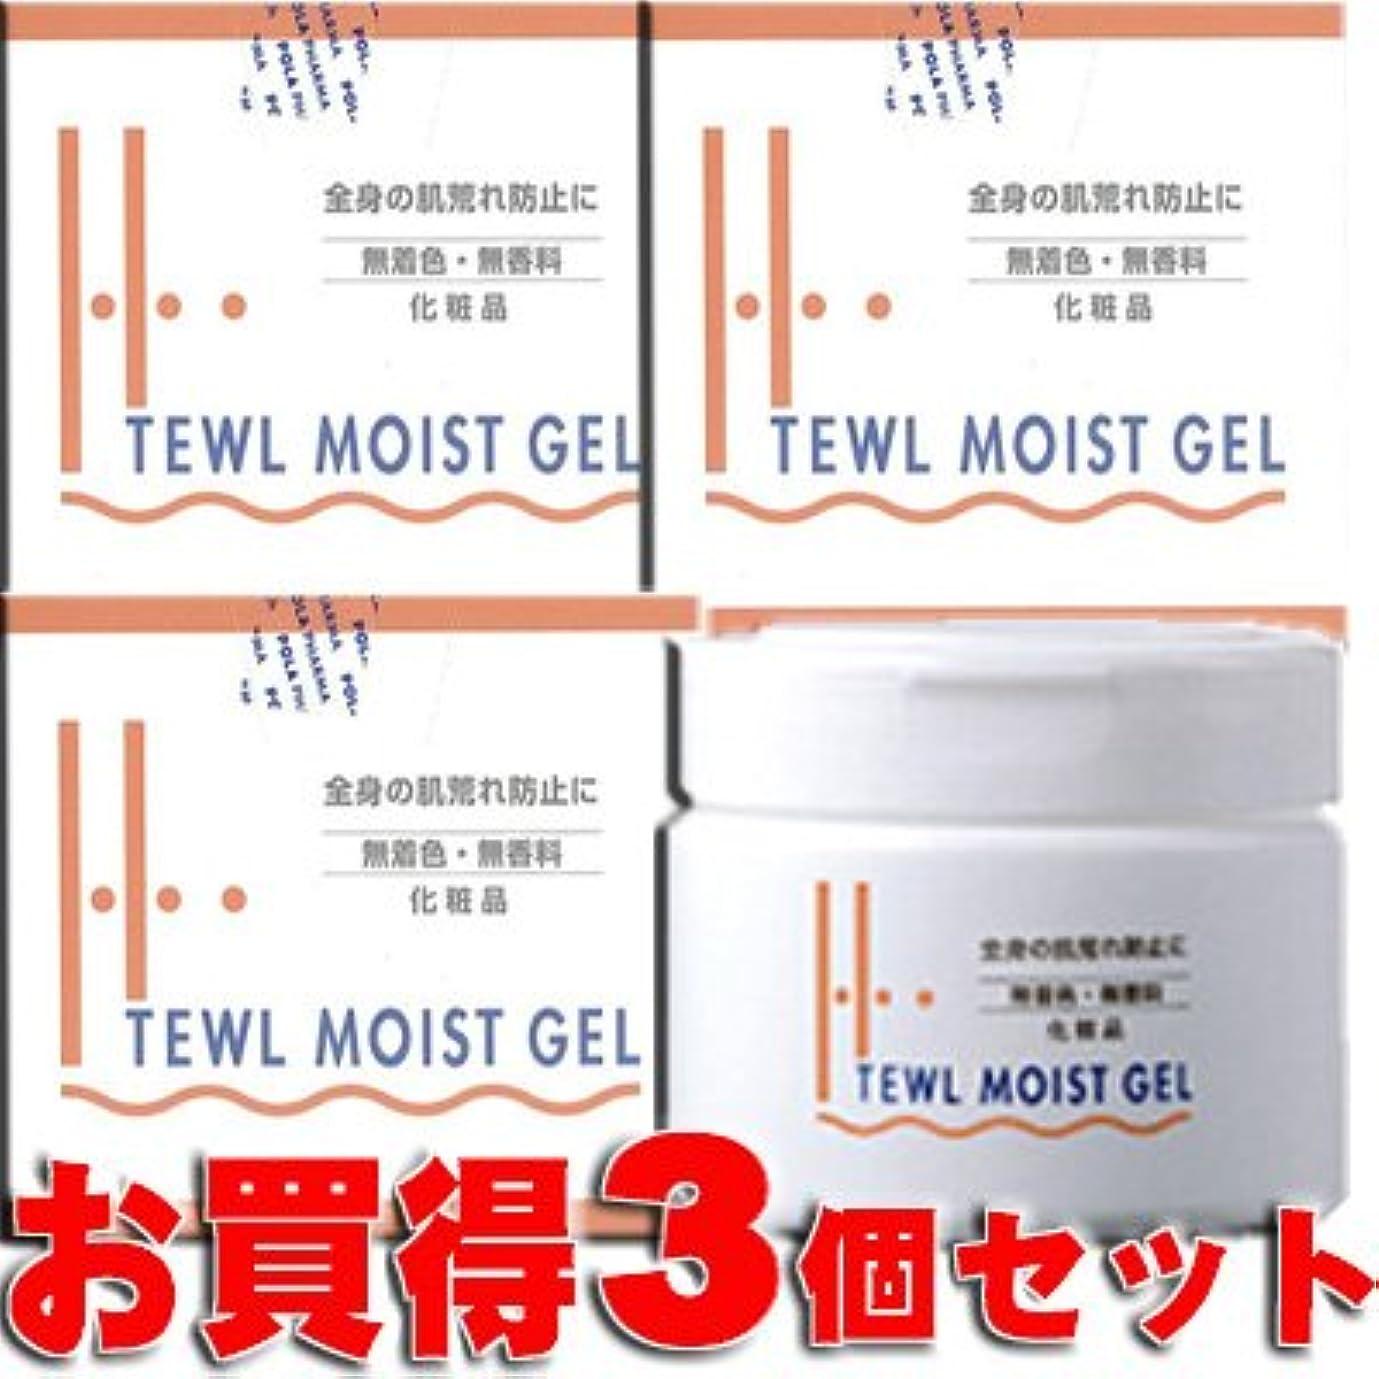 試みる分析するレジデンス★お買得3個★ ハイテウル モイストジェル 300gx3個 (ポーラファルマ)エタノールや界面活性剤に敏感な方へおすすめするゲルクリームです。